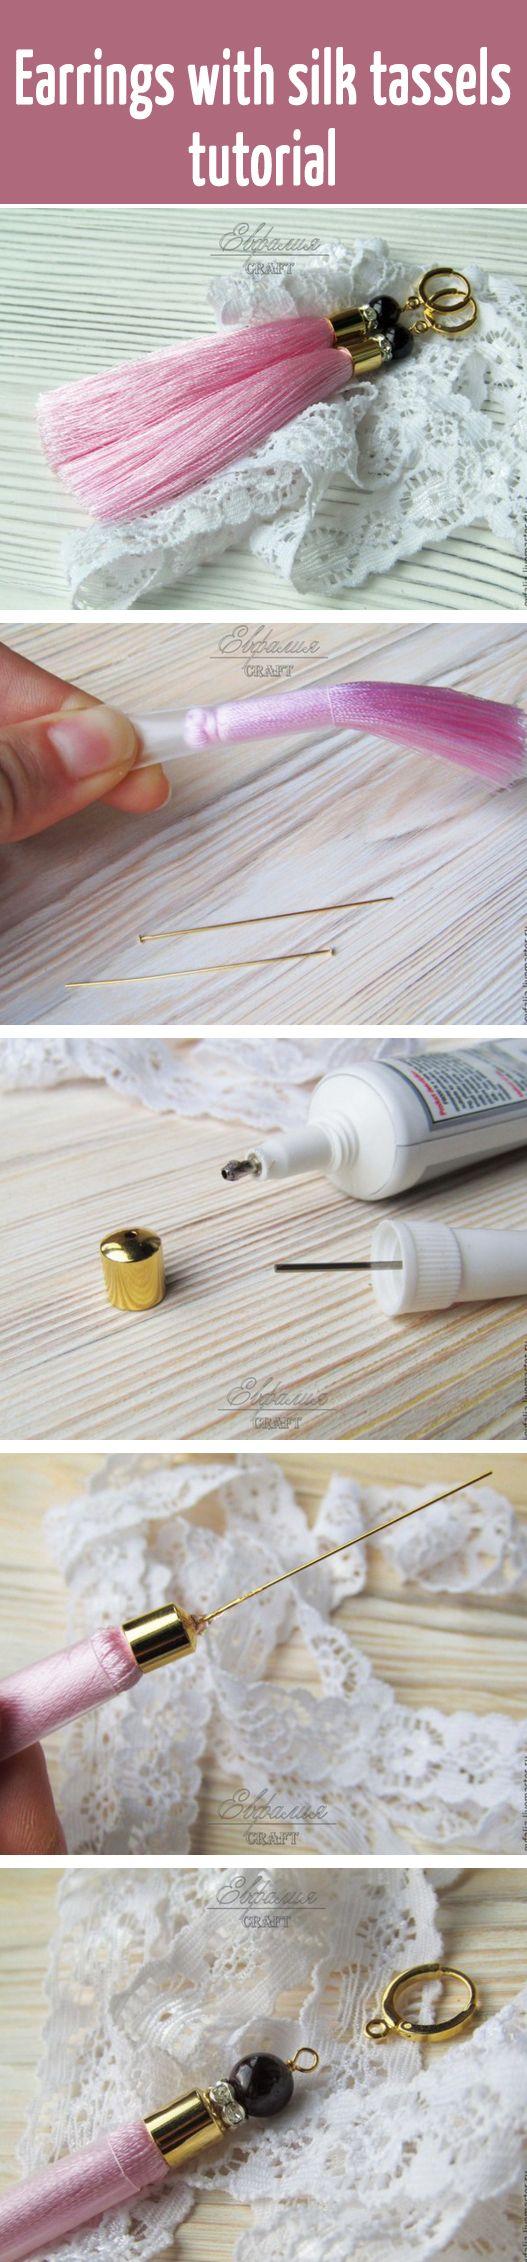 Earrings with silk tassels tutorial